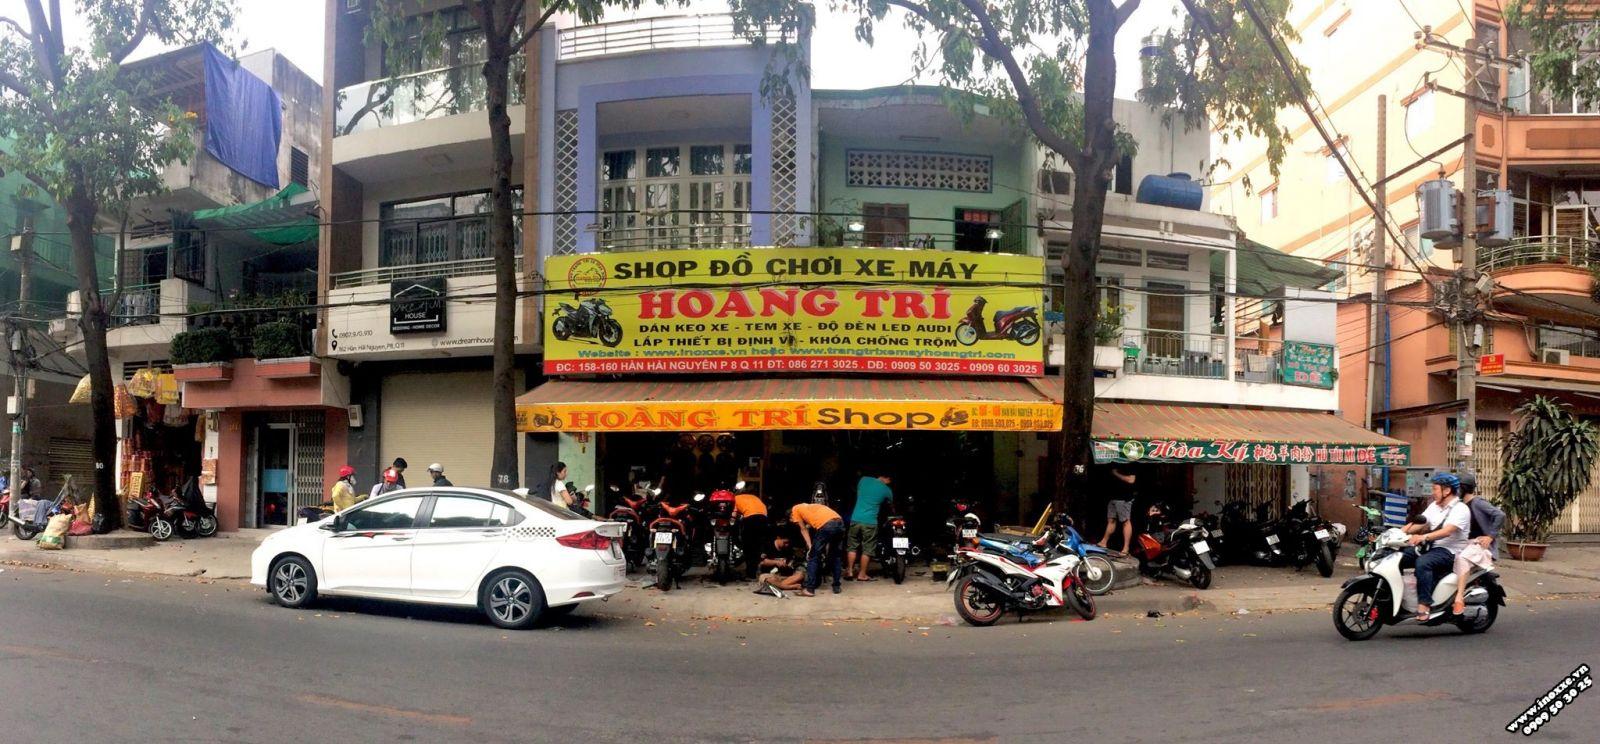 Năm 2018 - Hoàng Trí Racing Shop với 3 cửa hàng và 2 chi nhánh